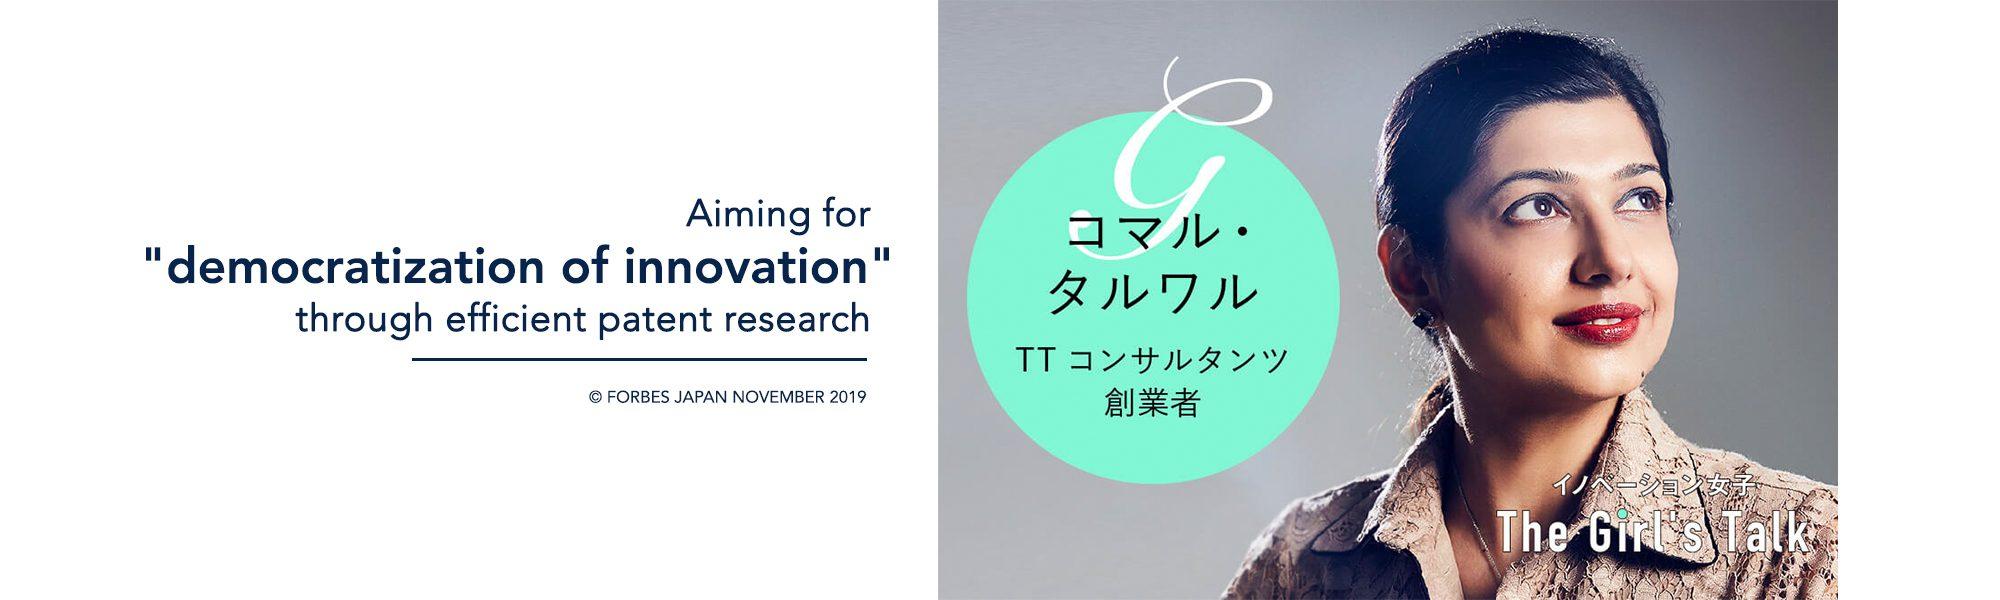 Komal Sharma - Japan forbes 2019